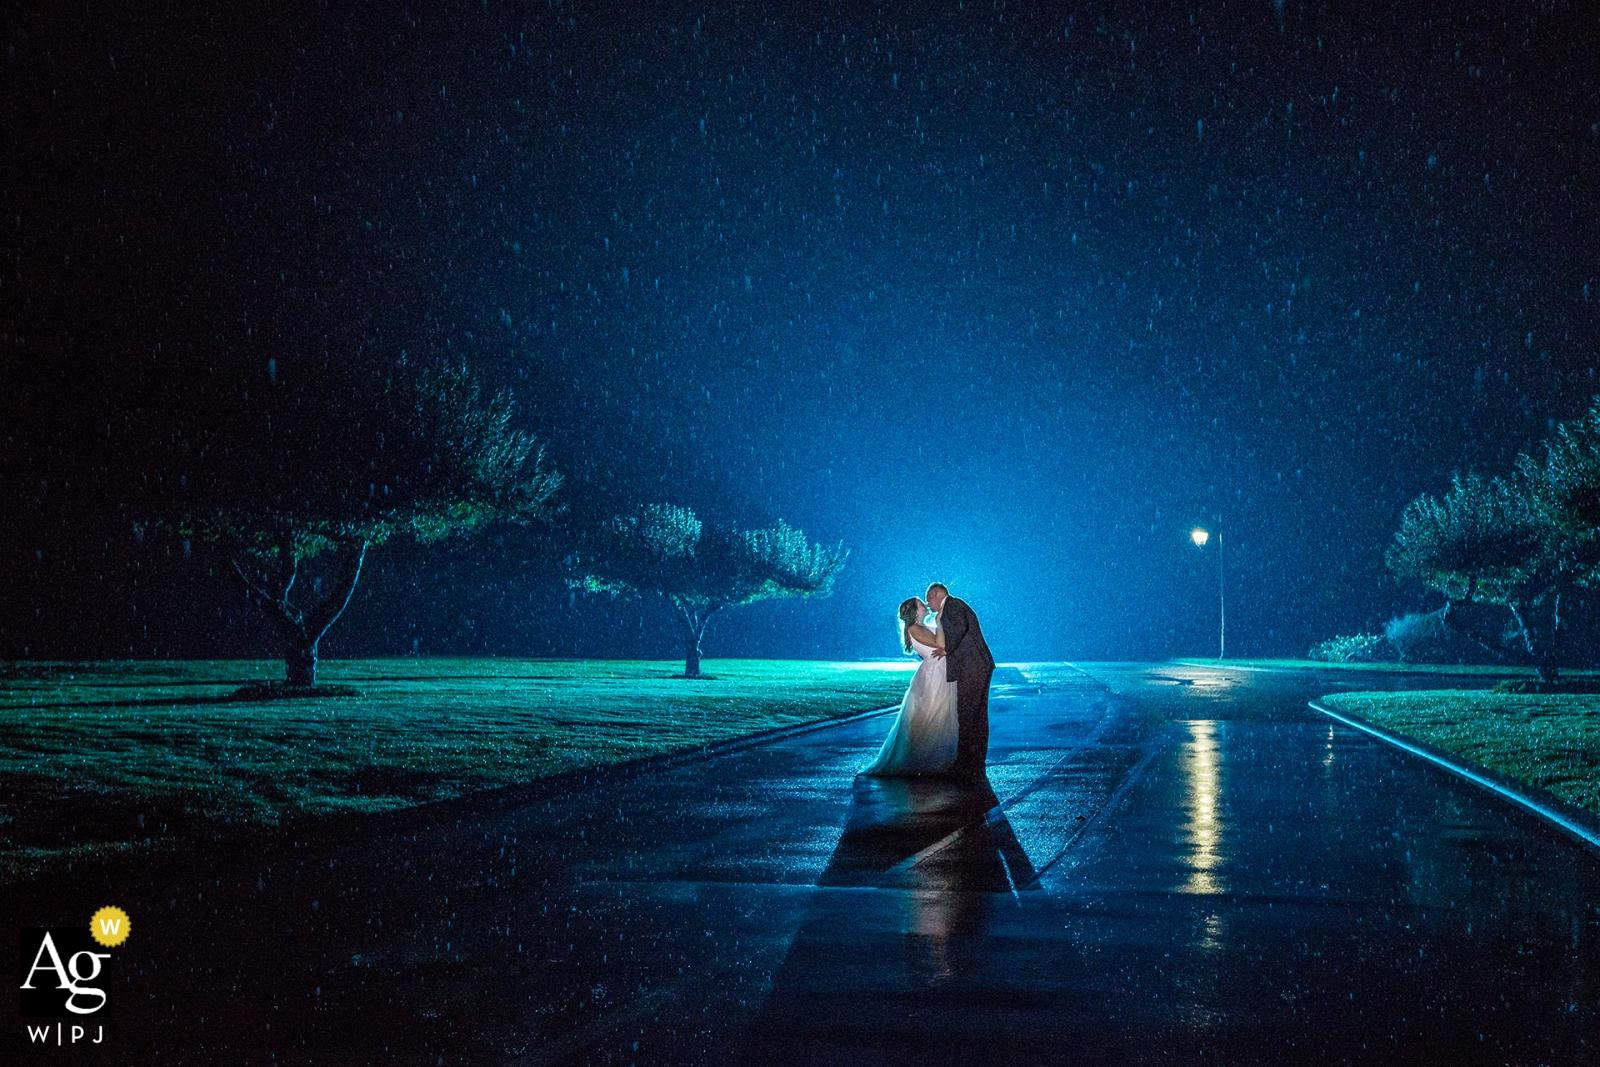 séance de portrait en soirée avec mariage des mariés de la Colombie-Britannique sous la pluie sur la chaussée mouillée